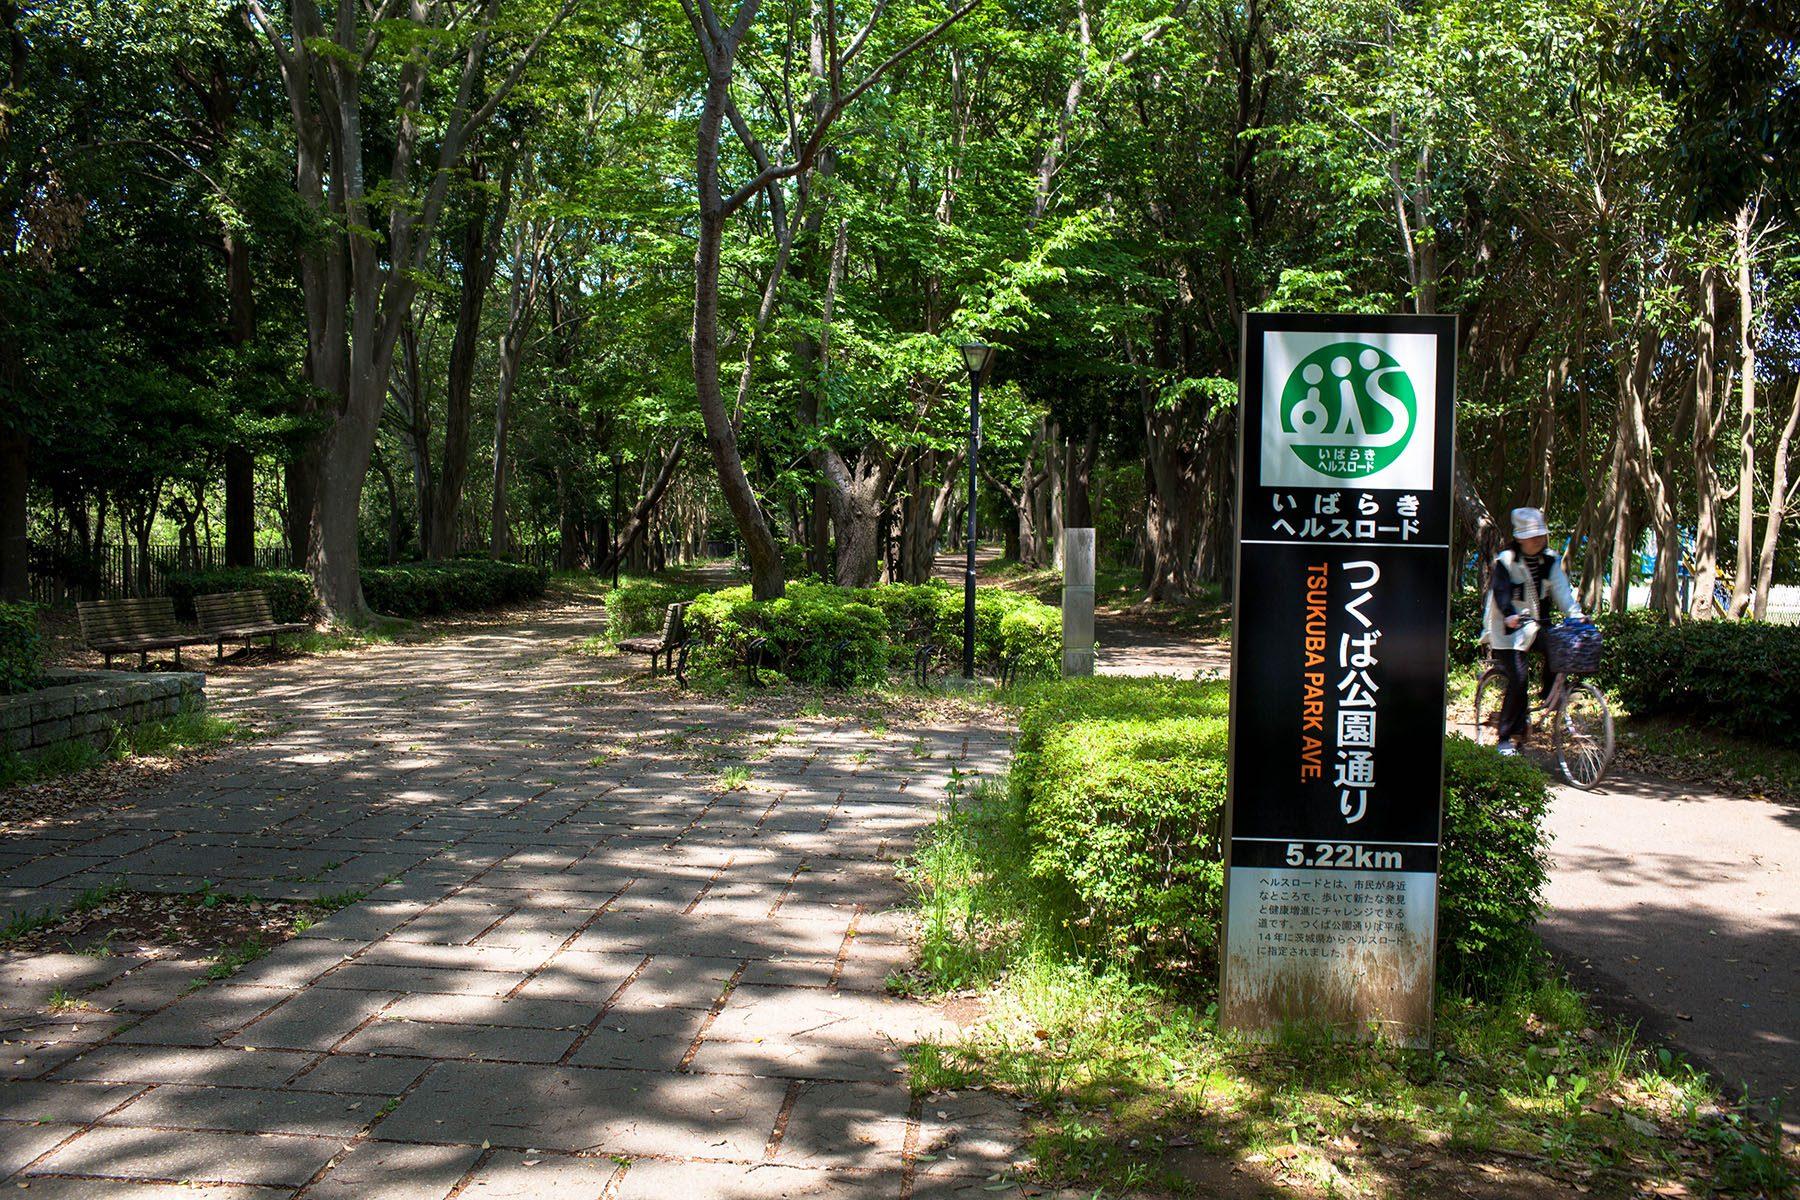 いばらきヘルスロードに選ばれている「つくば公園通り」赤塚公園〜松見公園まで5.22km。